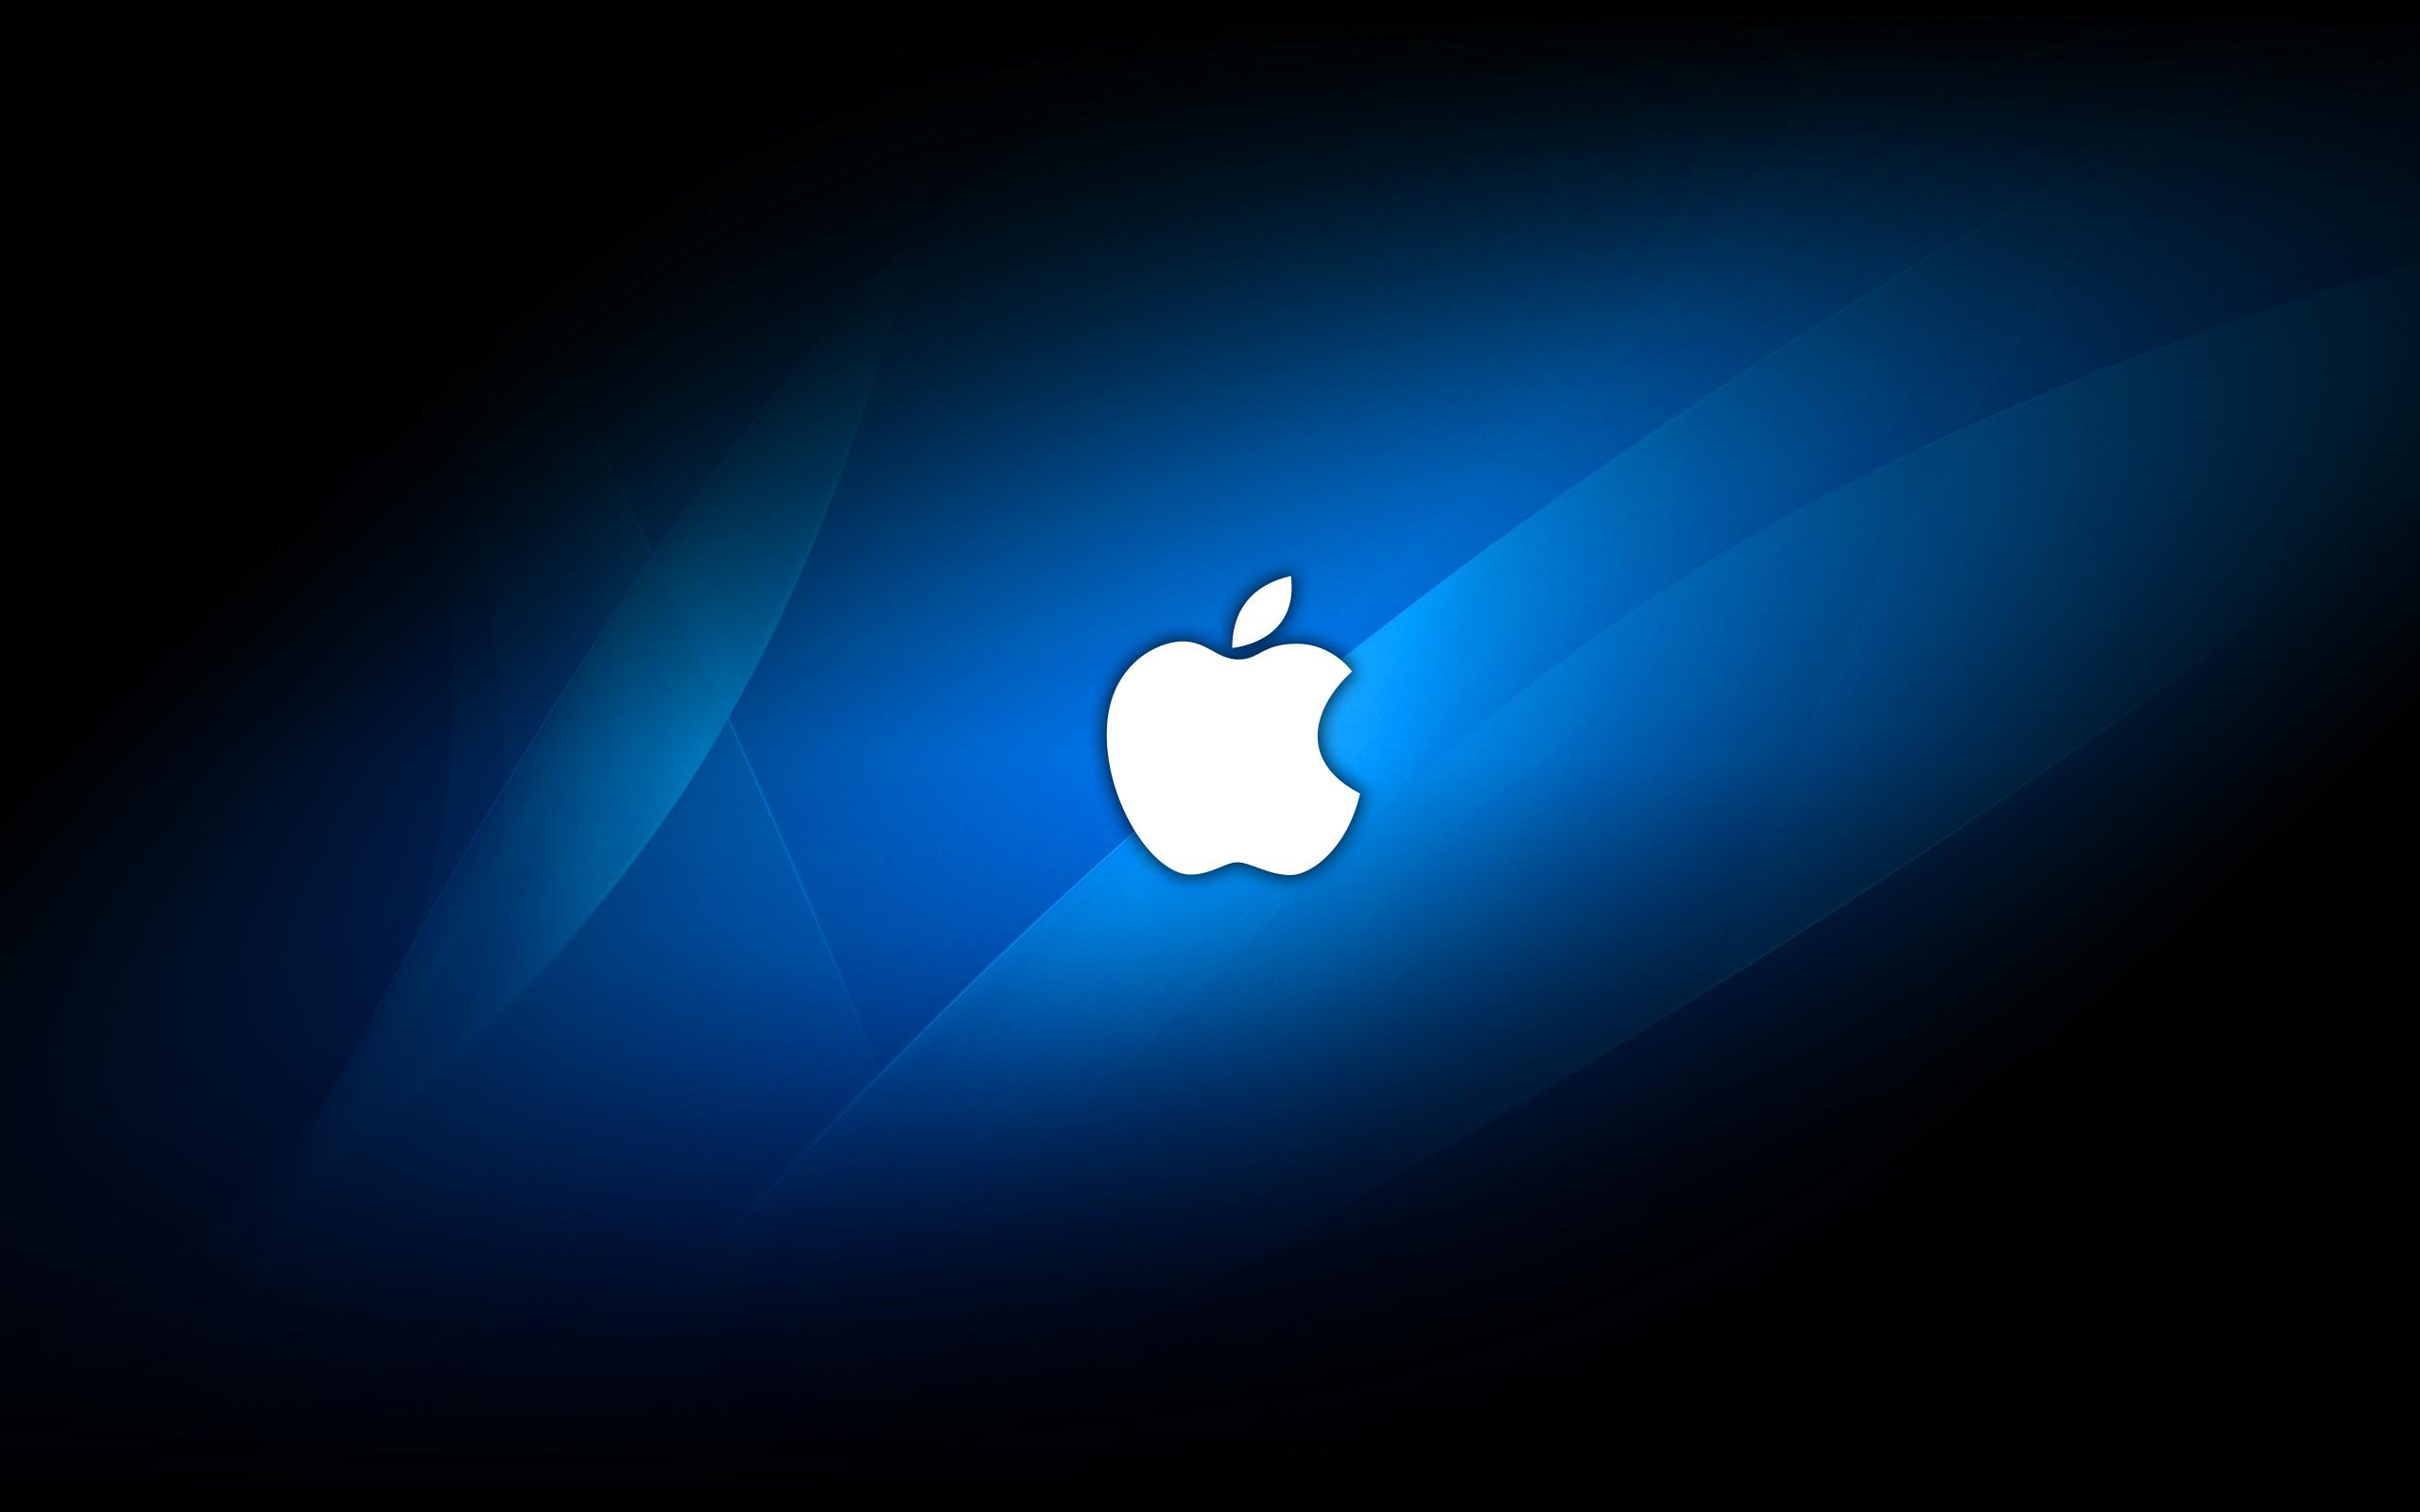 Të gjitha të rejat nga Apple: Çfarë pritëm e nuk morrëm?